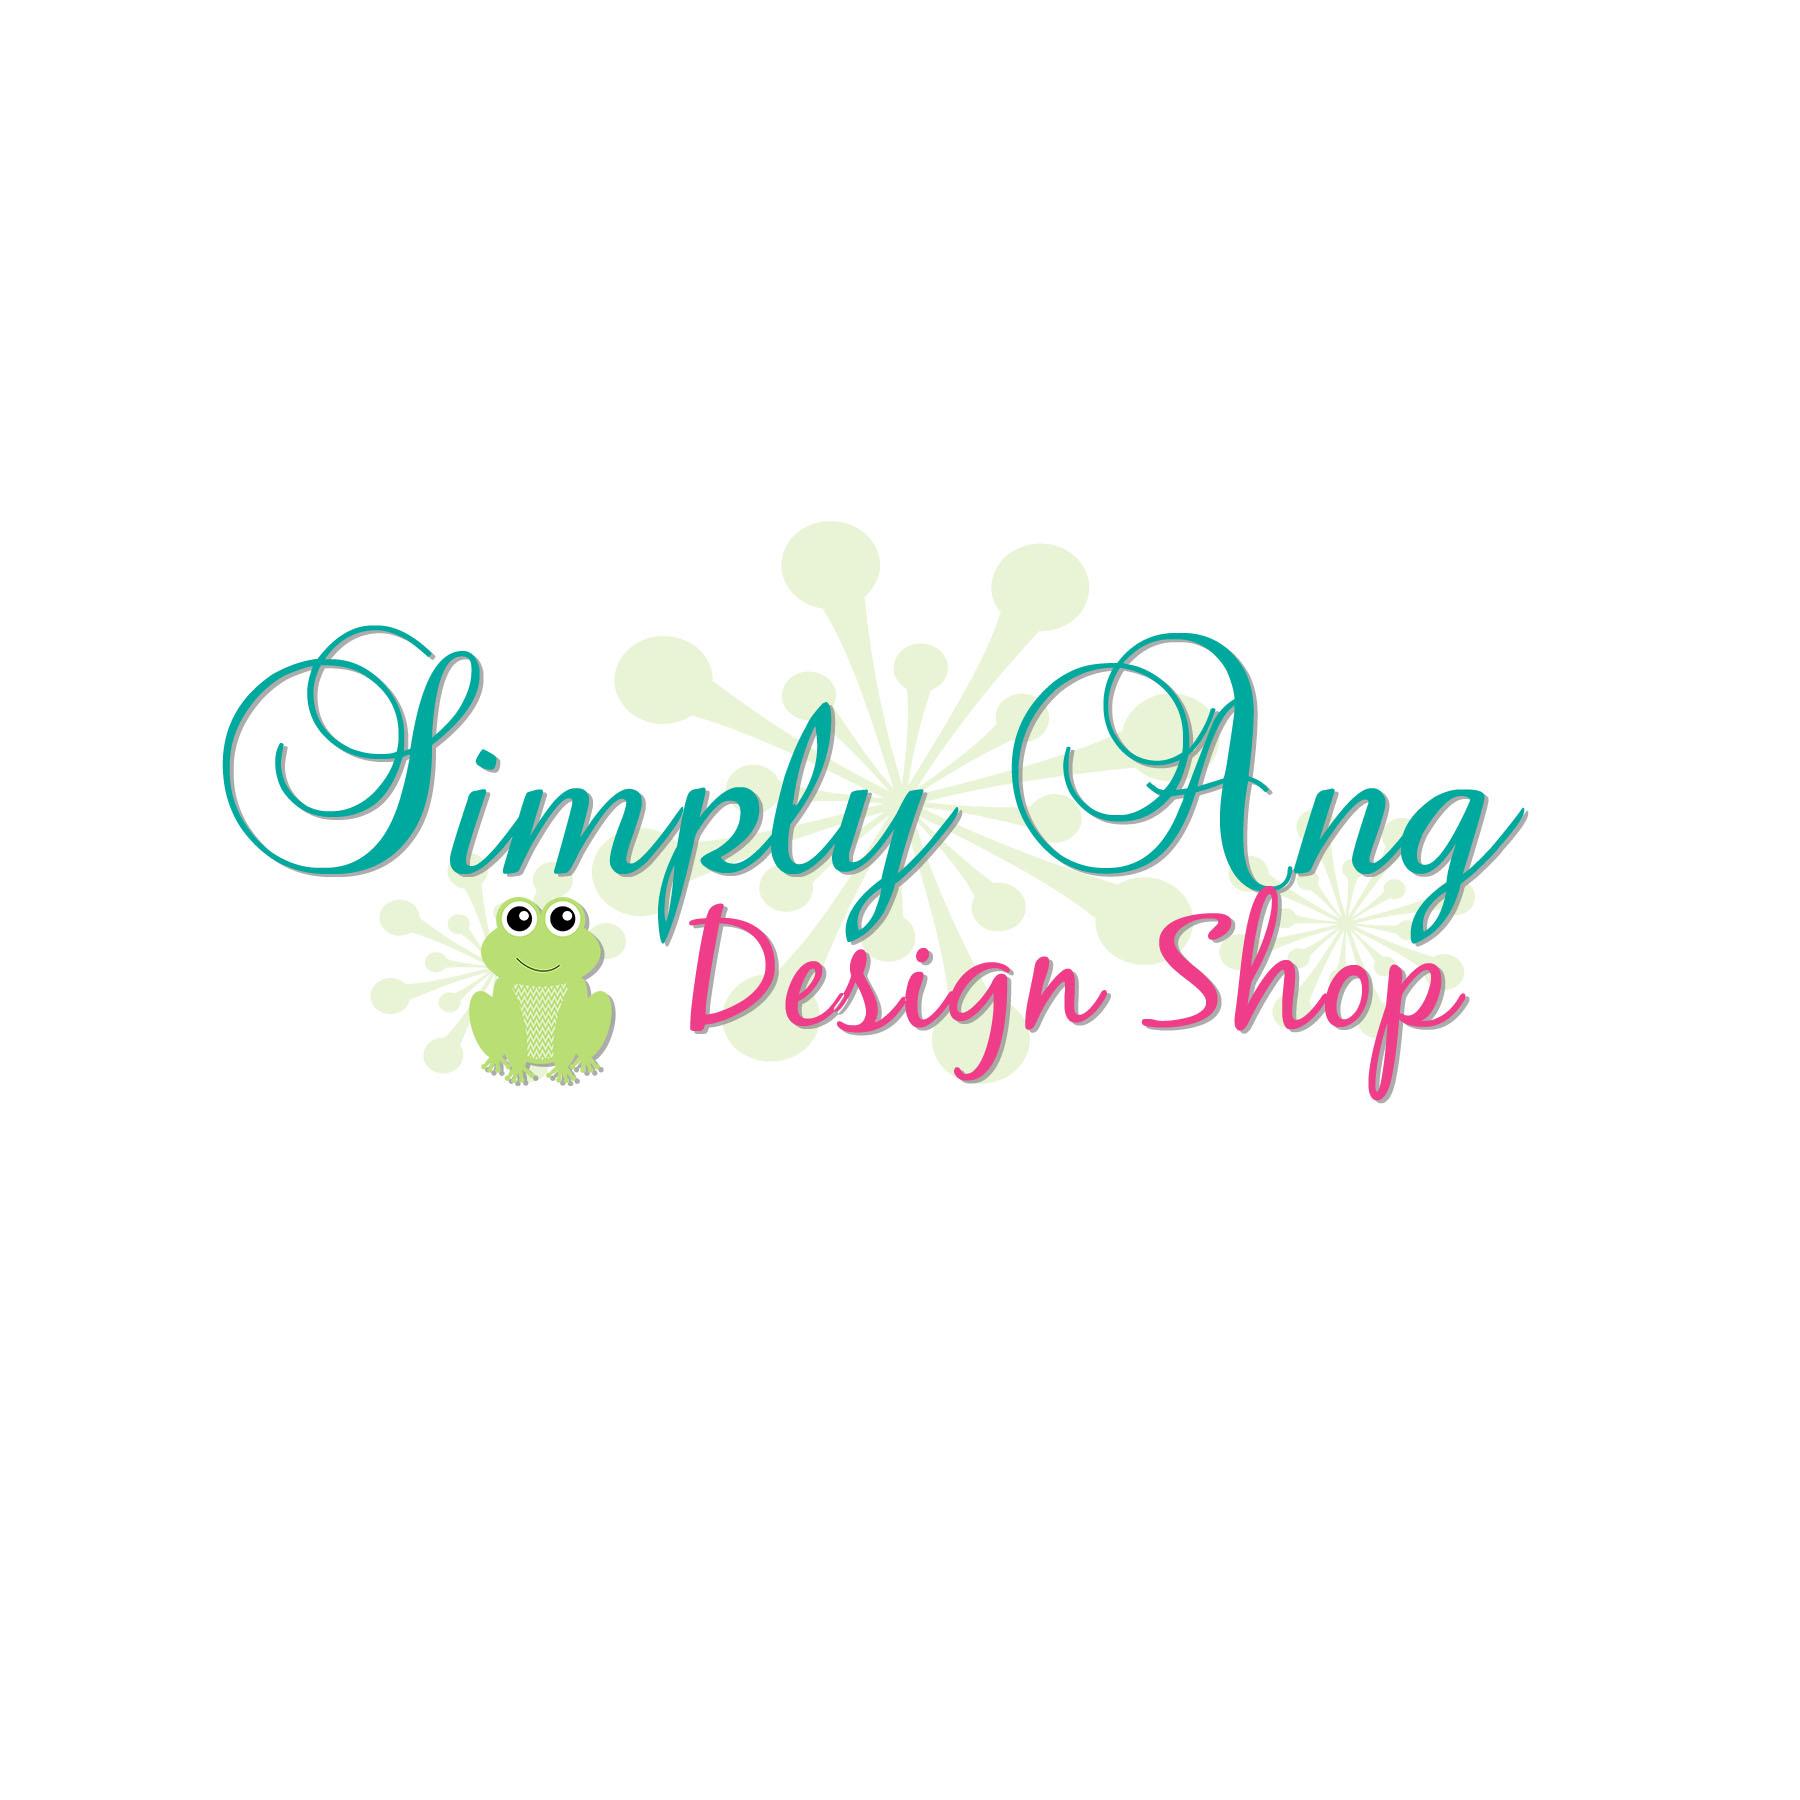 boutique logo2.jpg